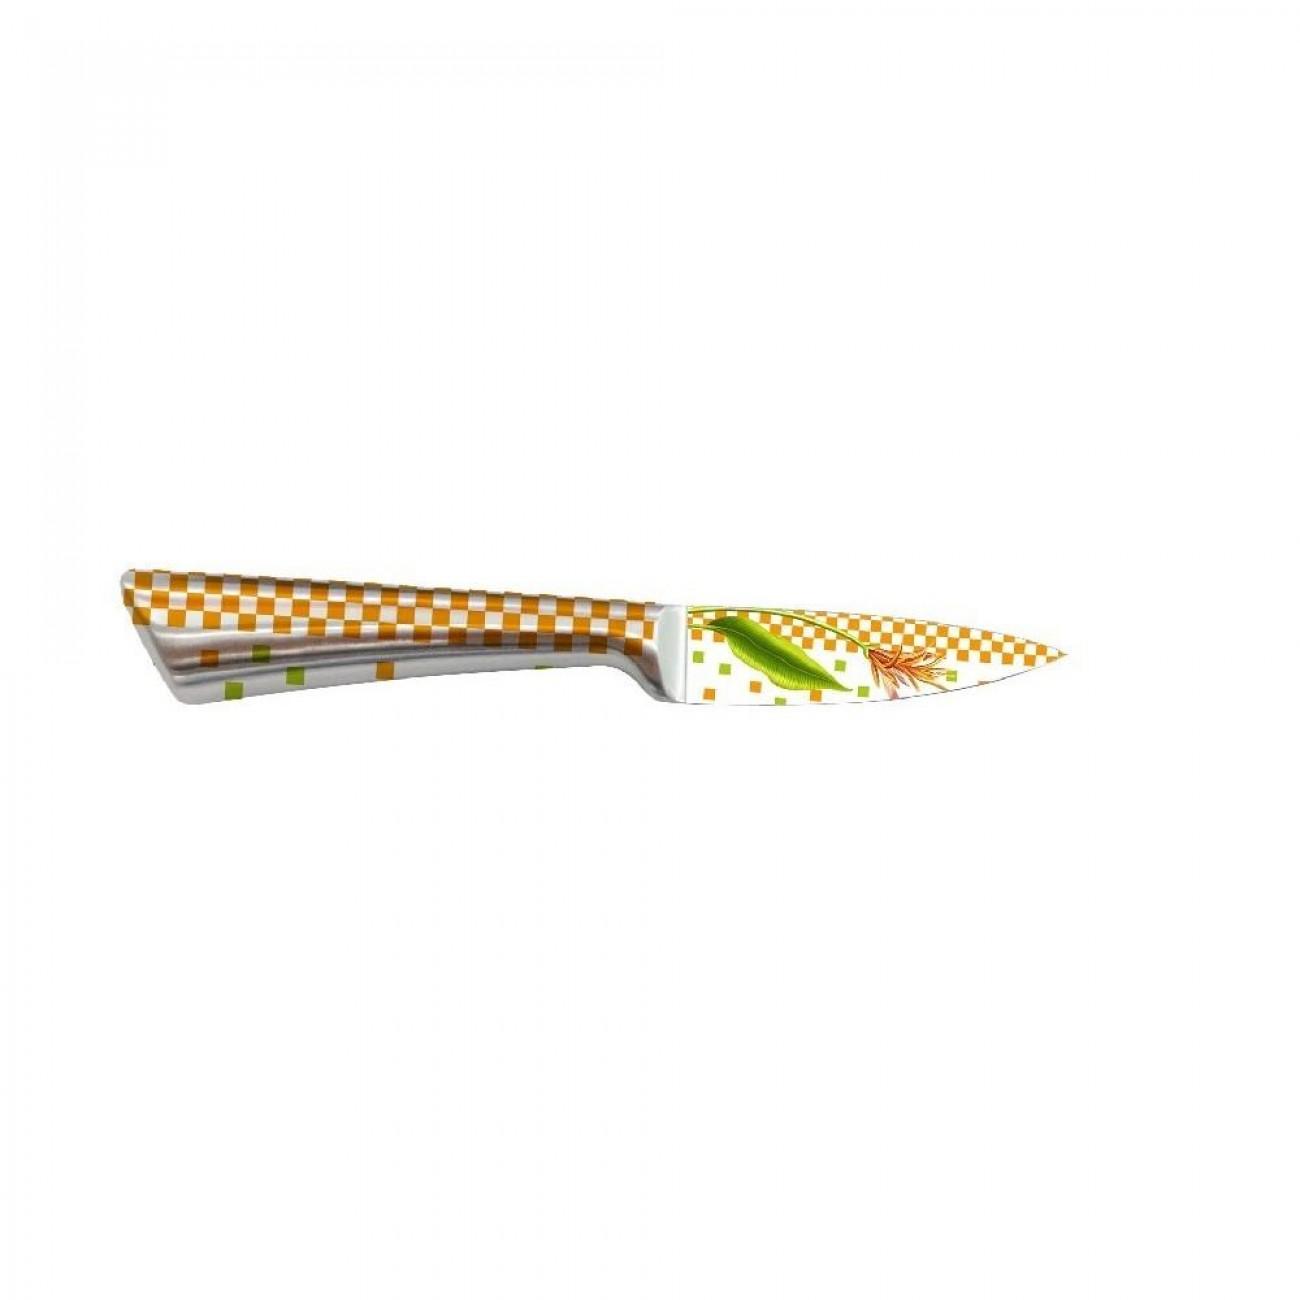 Кухненски нож ZEPHYR ZP 1633 NP, 9 см, Неръждаема стомана, Цветна щампа в Единични ножове - ZEPHYR | Alleop